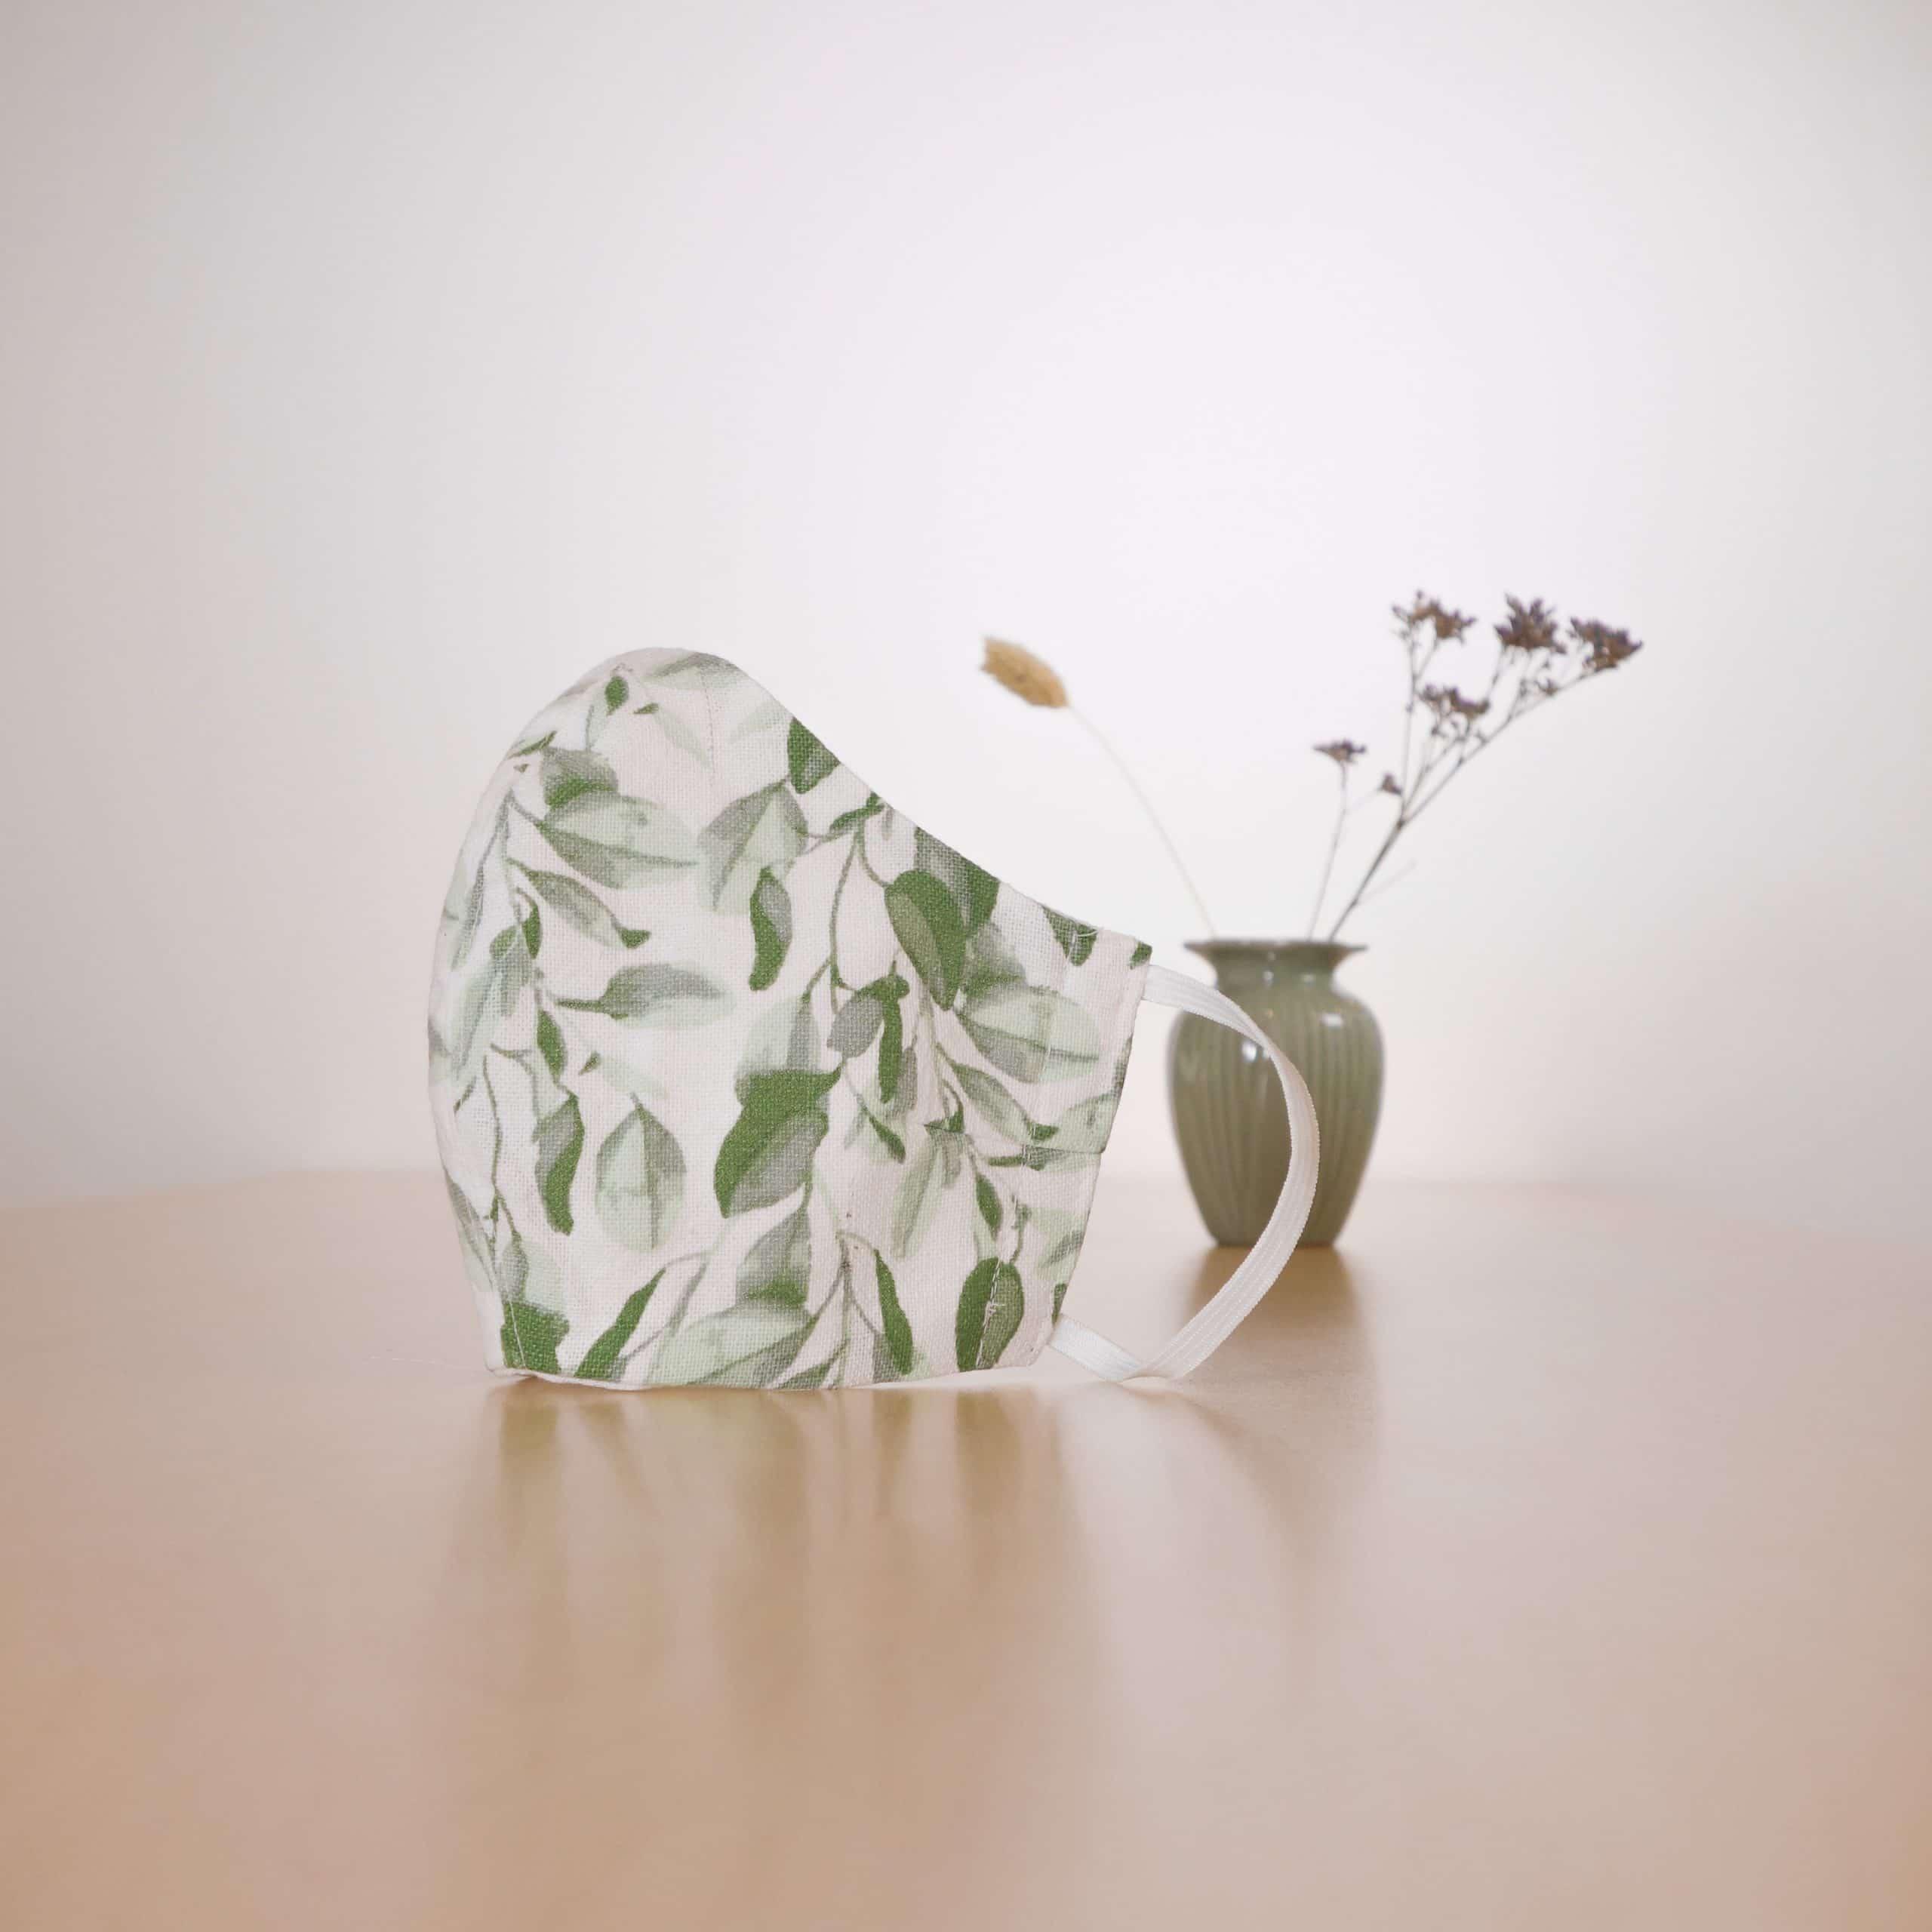 mondkapje-6-groenen-blaadjes